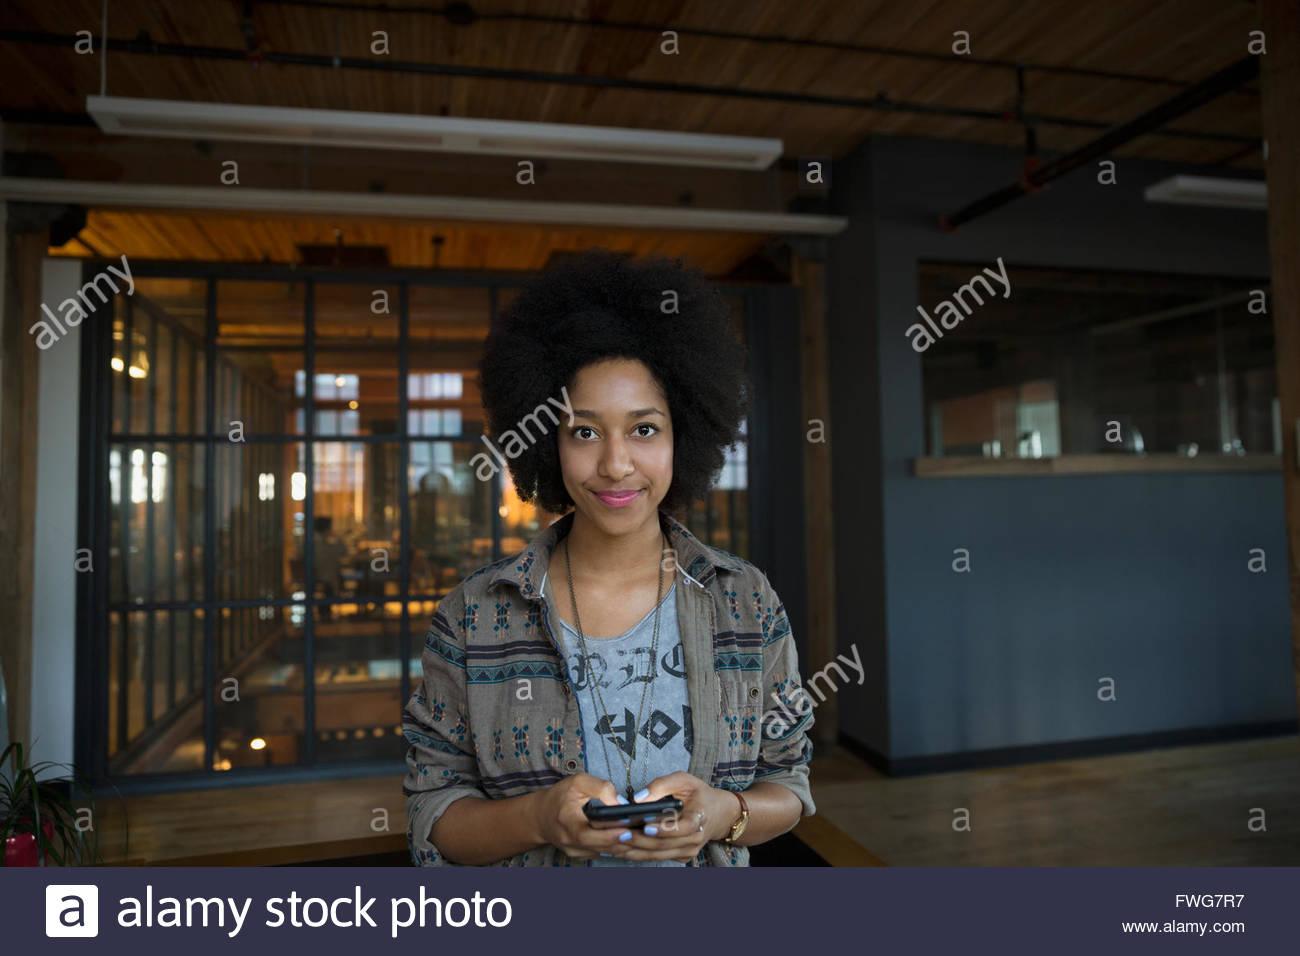 Retrato mujer confiada texting Imagen De Stock